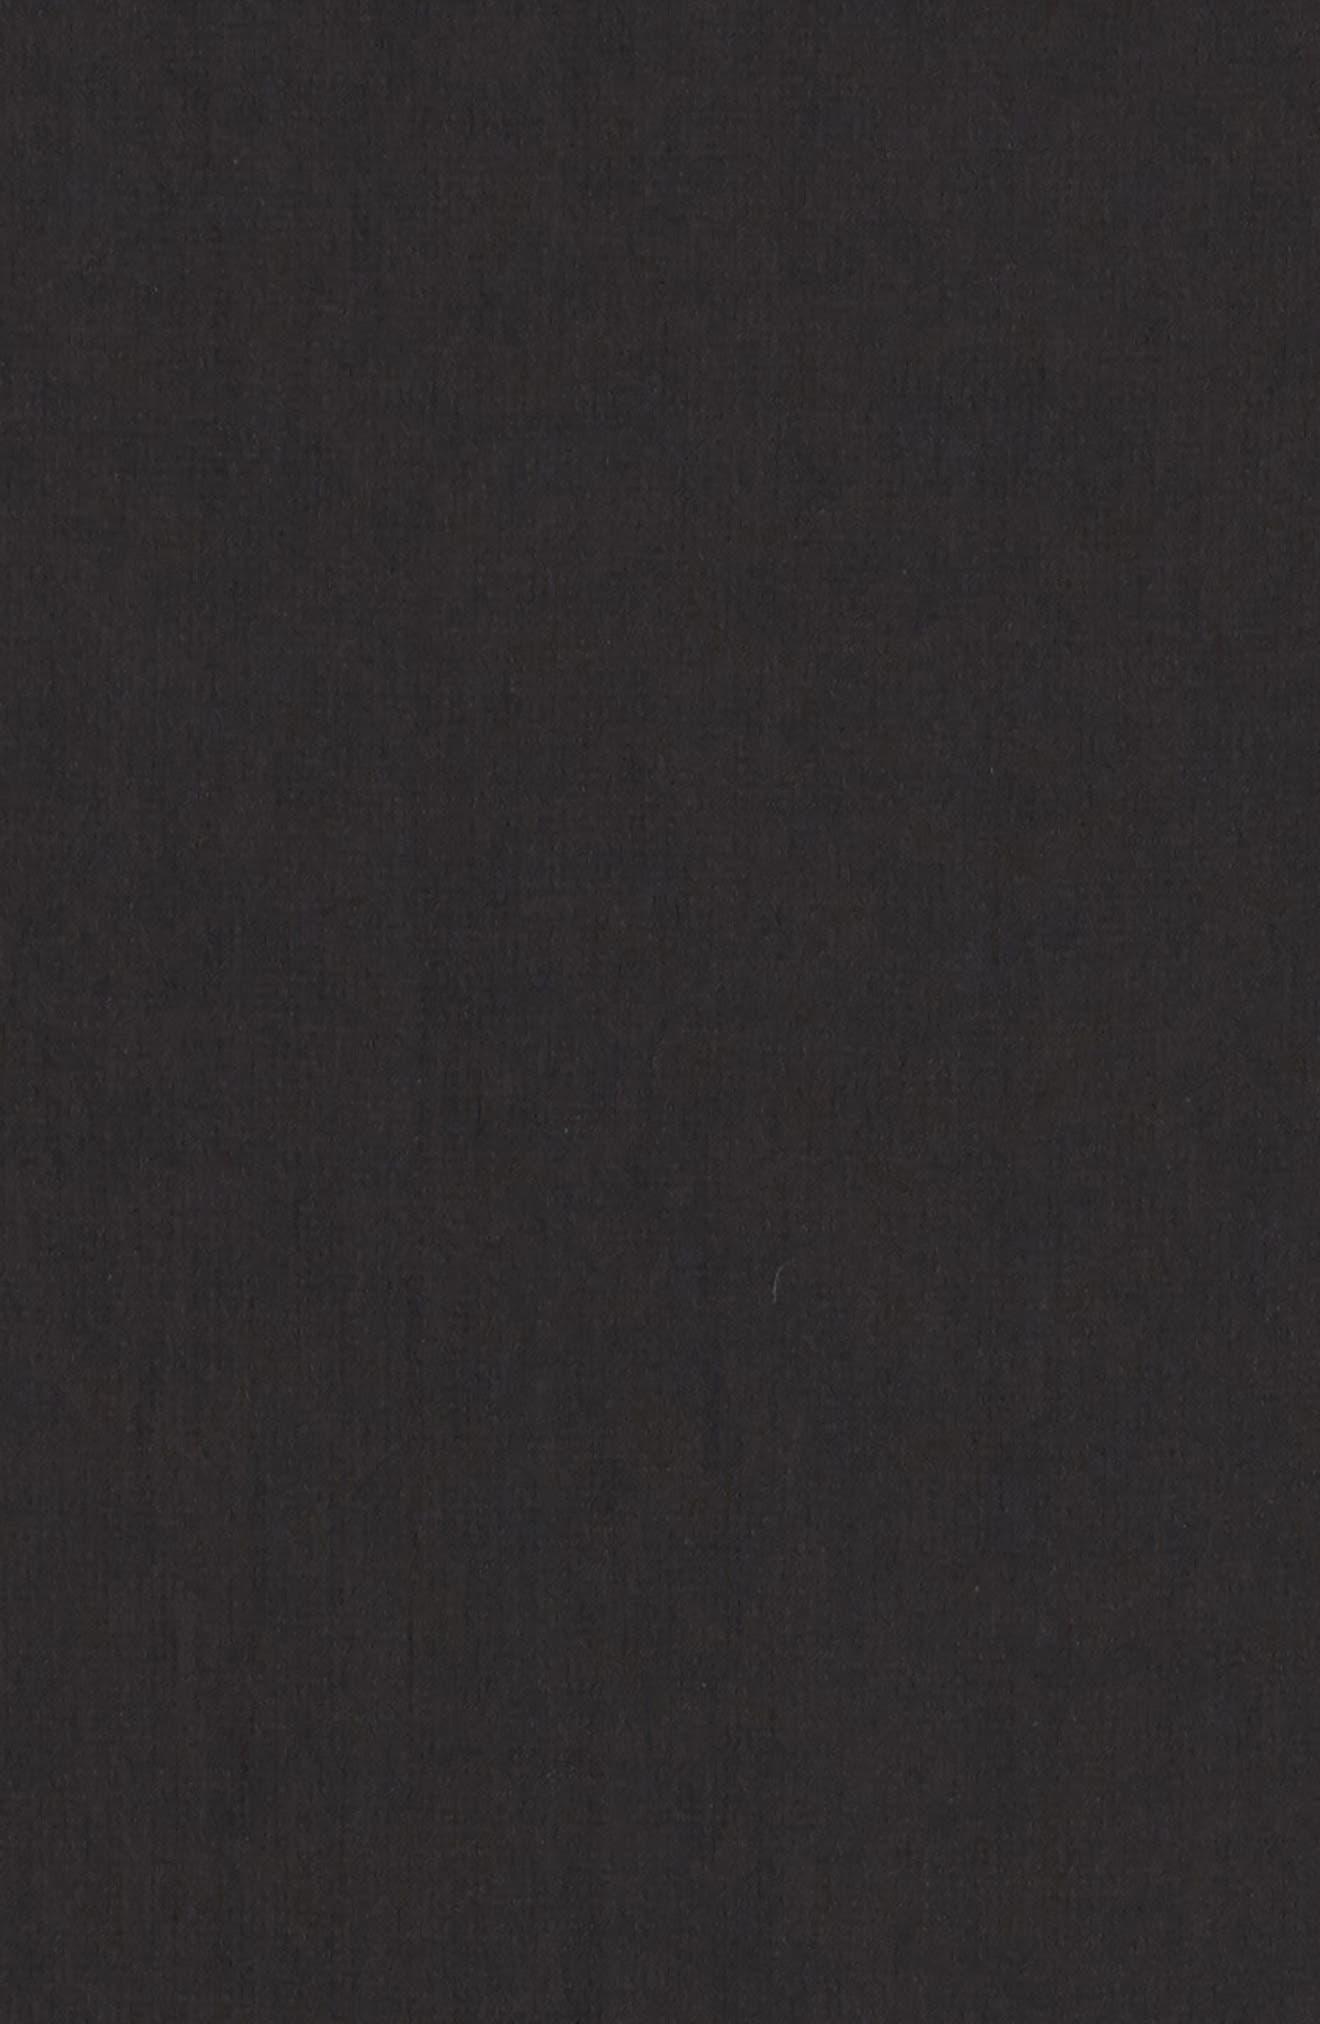 Chiffon Midi Dress,                             Alternate thumbnail 5, color,                             001